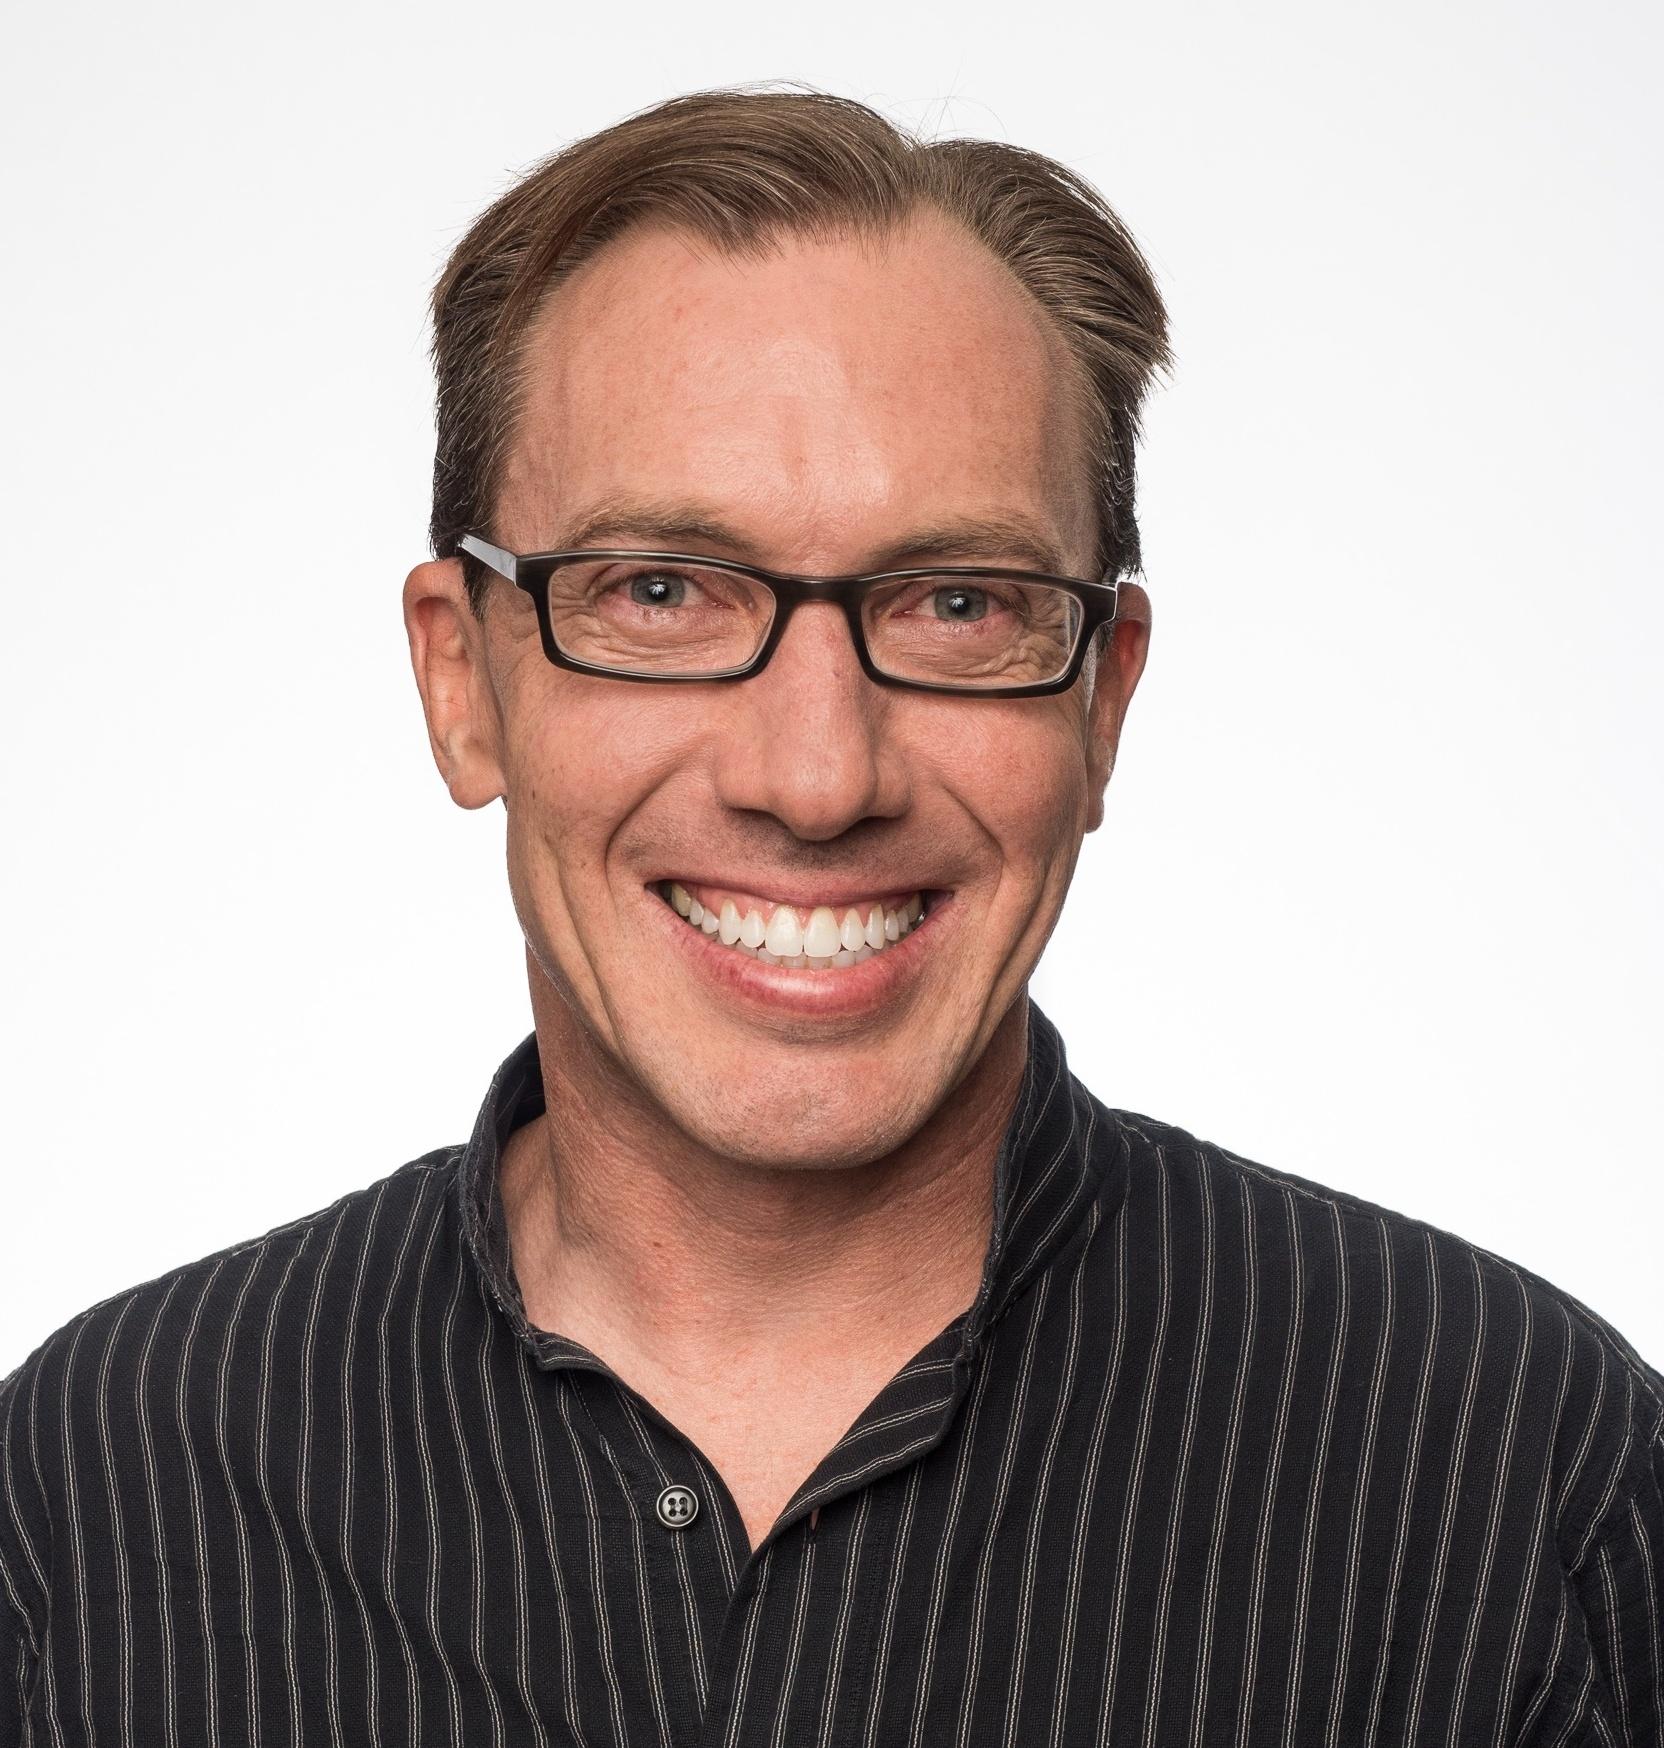 Chris Geison